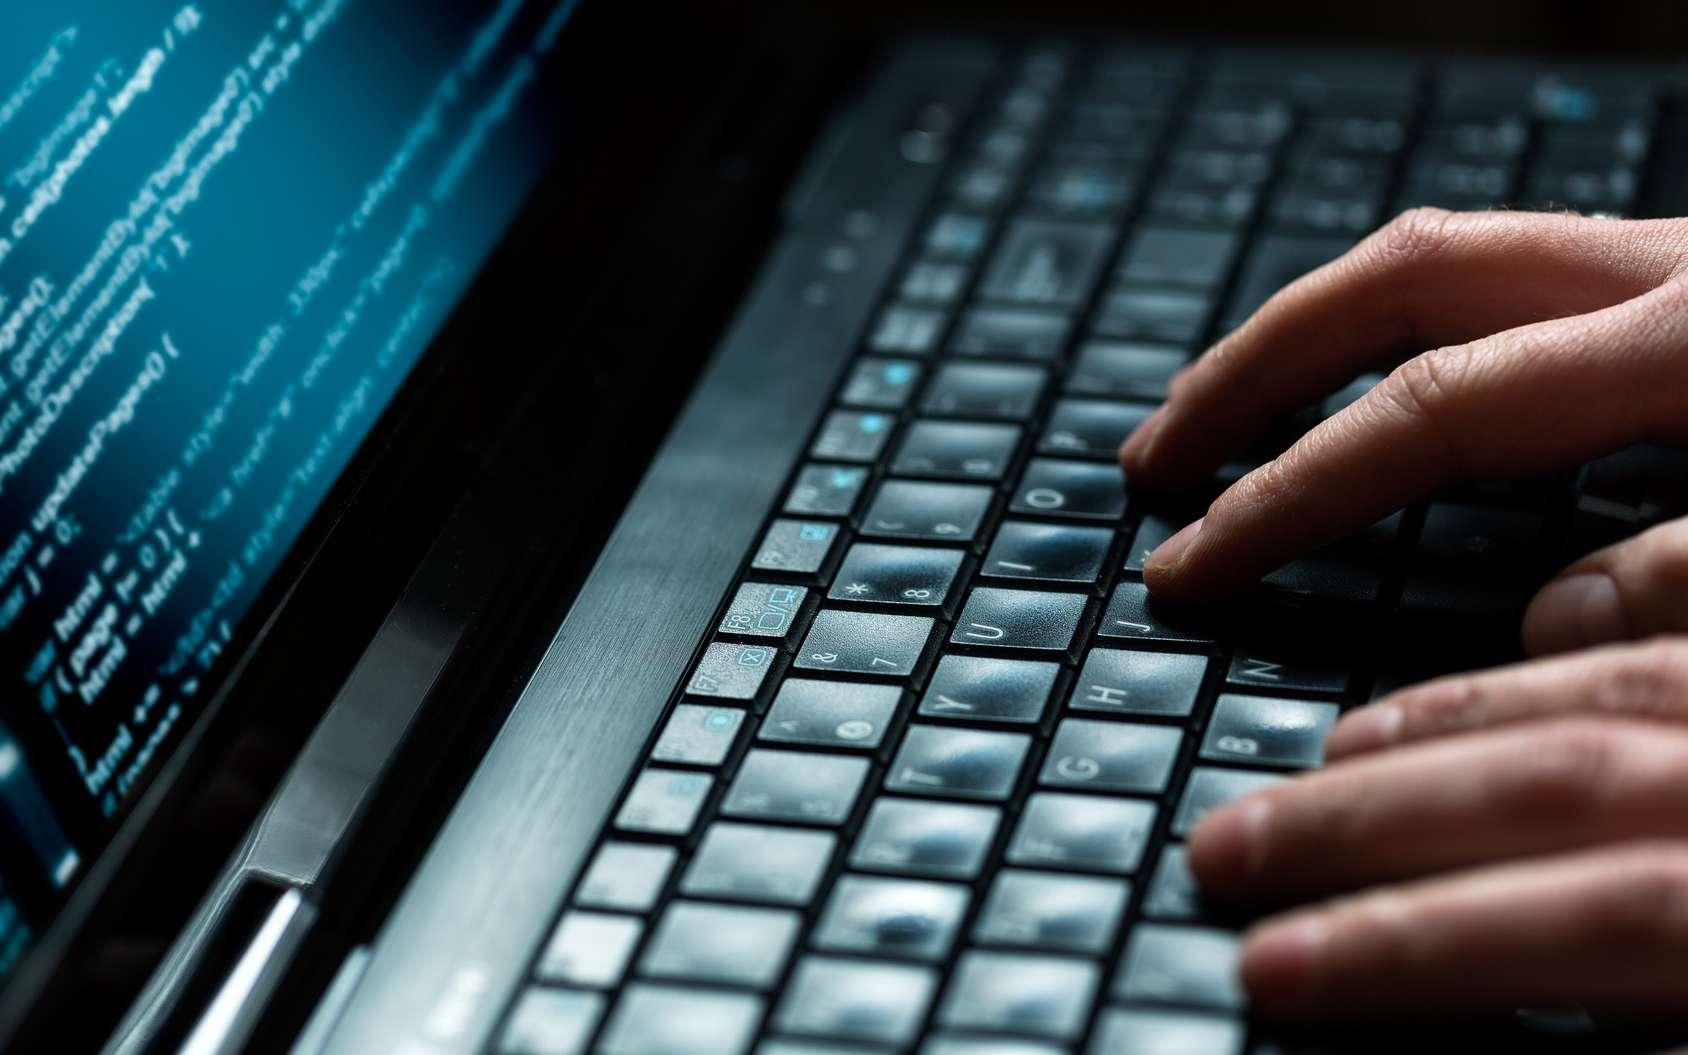 L'attaque par déni de service (DoS) est l'une méthode les plus employées par les cyberpirates. © REDPIXEL, Fotolia